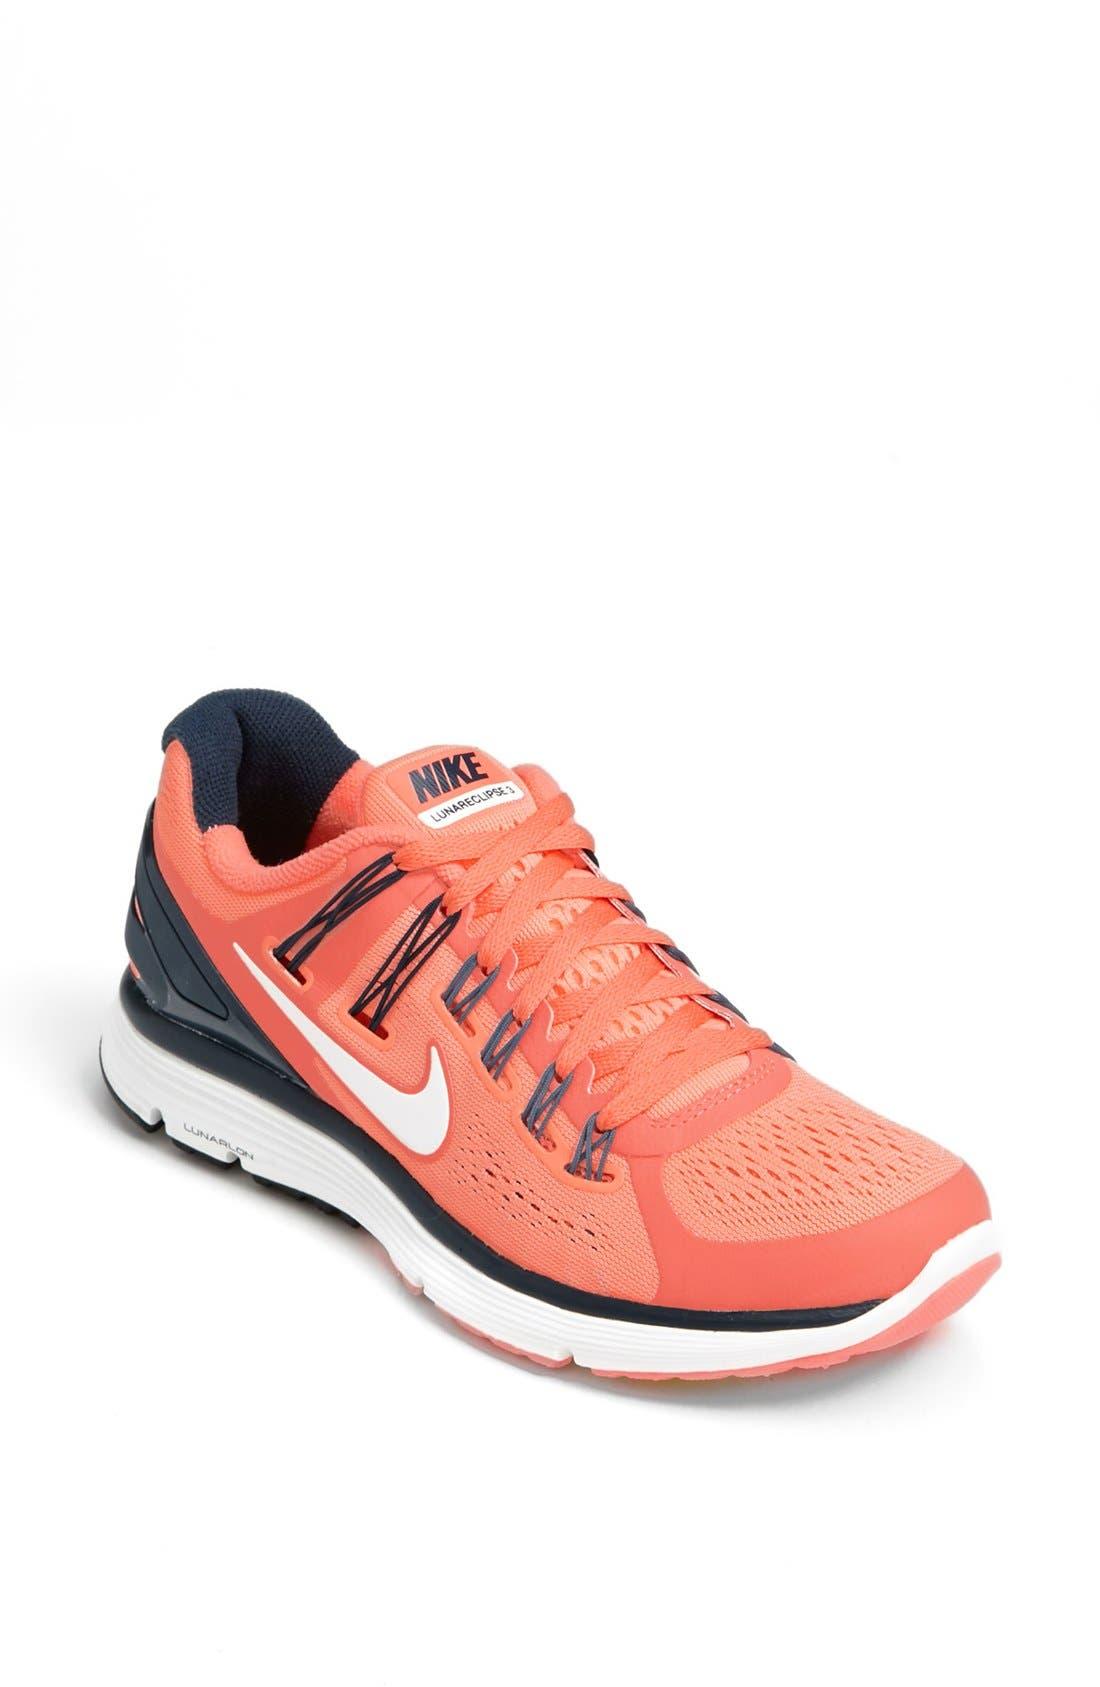 Main Image - Nike 'LunarEclipse+ 3' Running Shoe (Women)